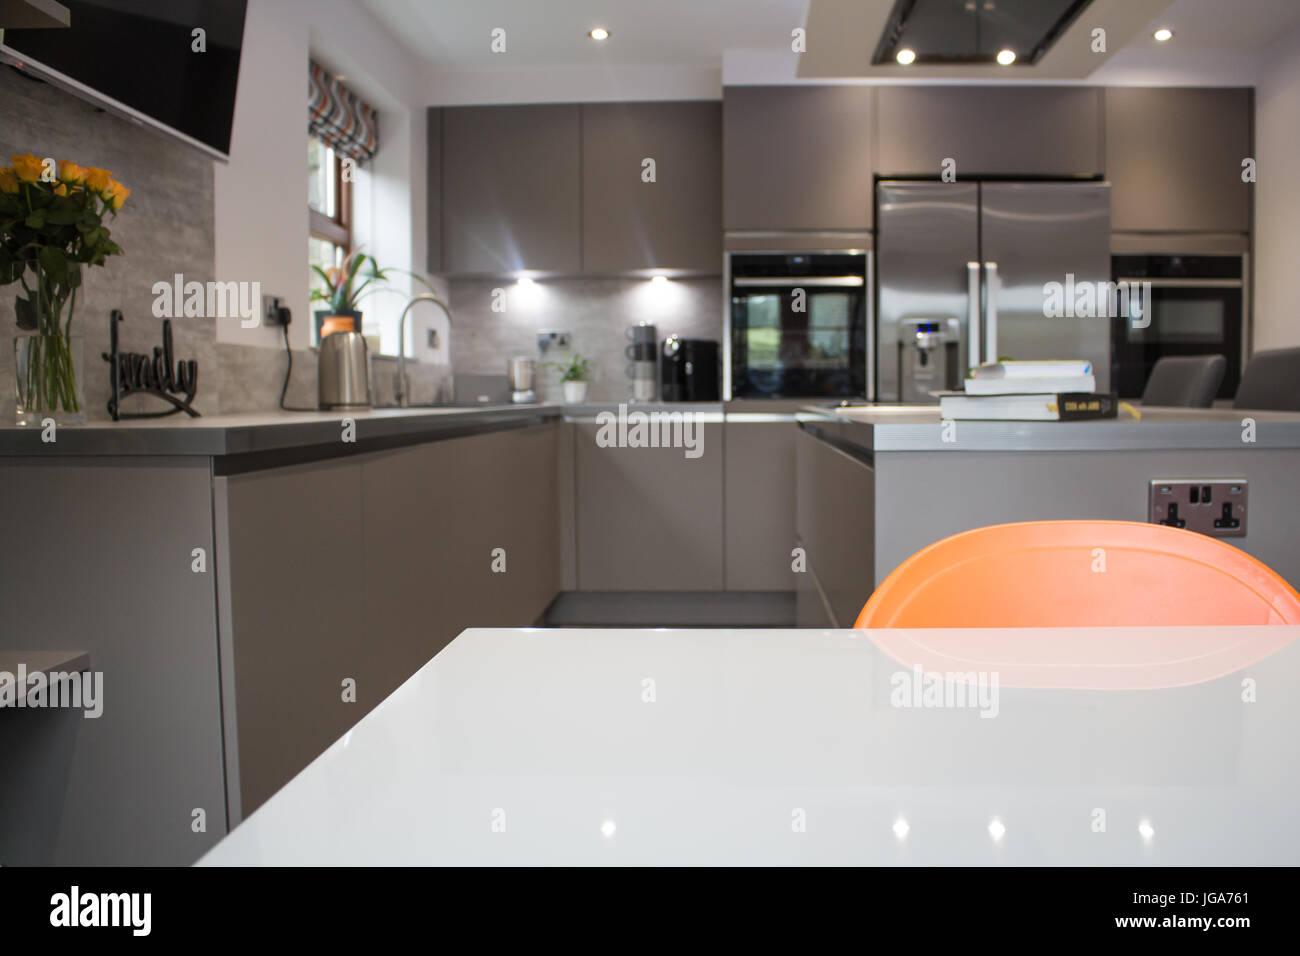 Un Moderno Hotel Di Lusso Grigio Opaco Cucina Interno Che Mostra Un